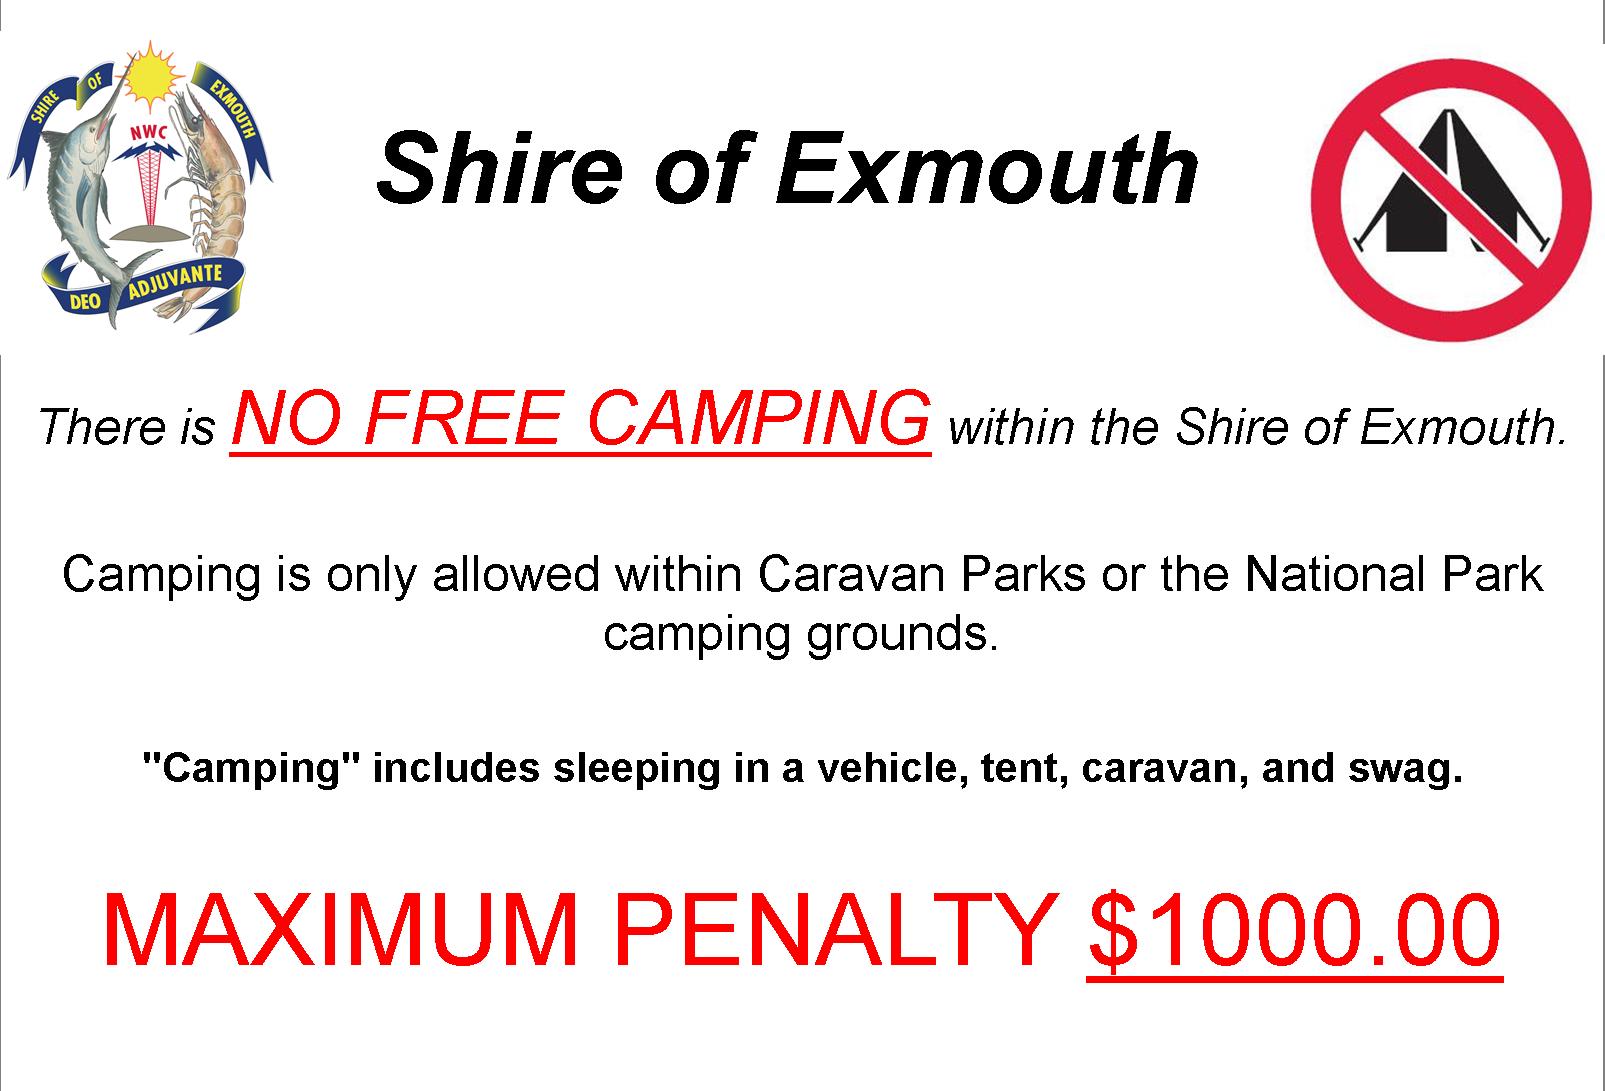 No_Free_Camping